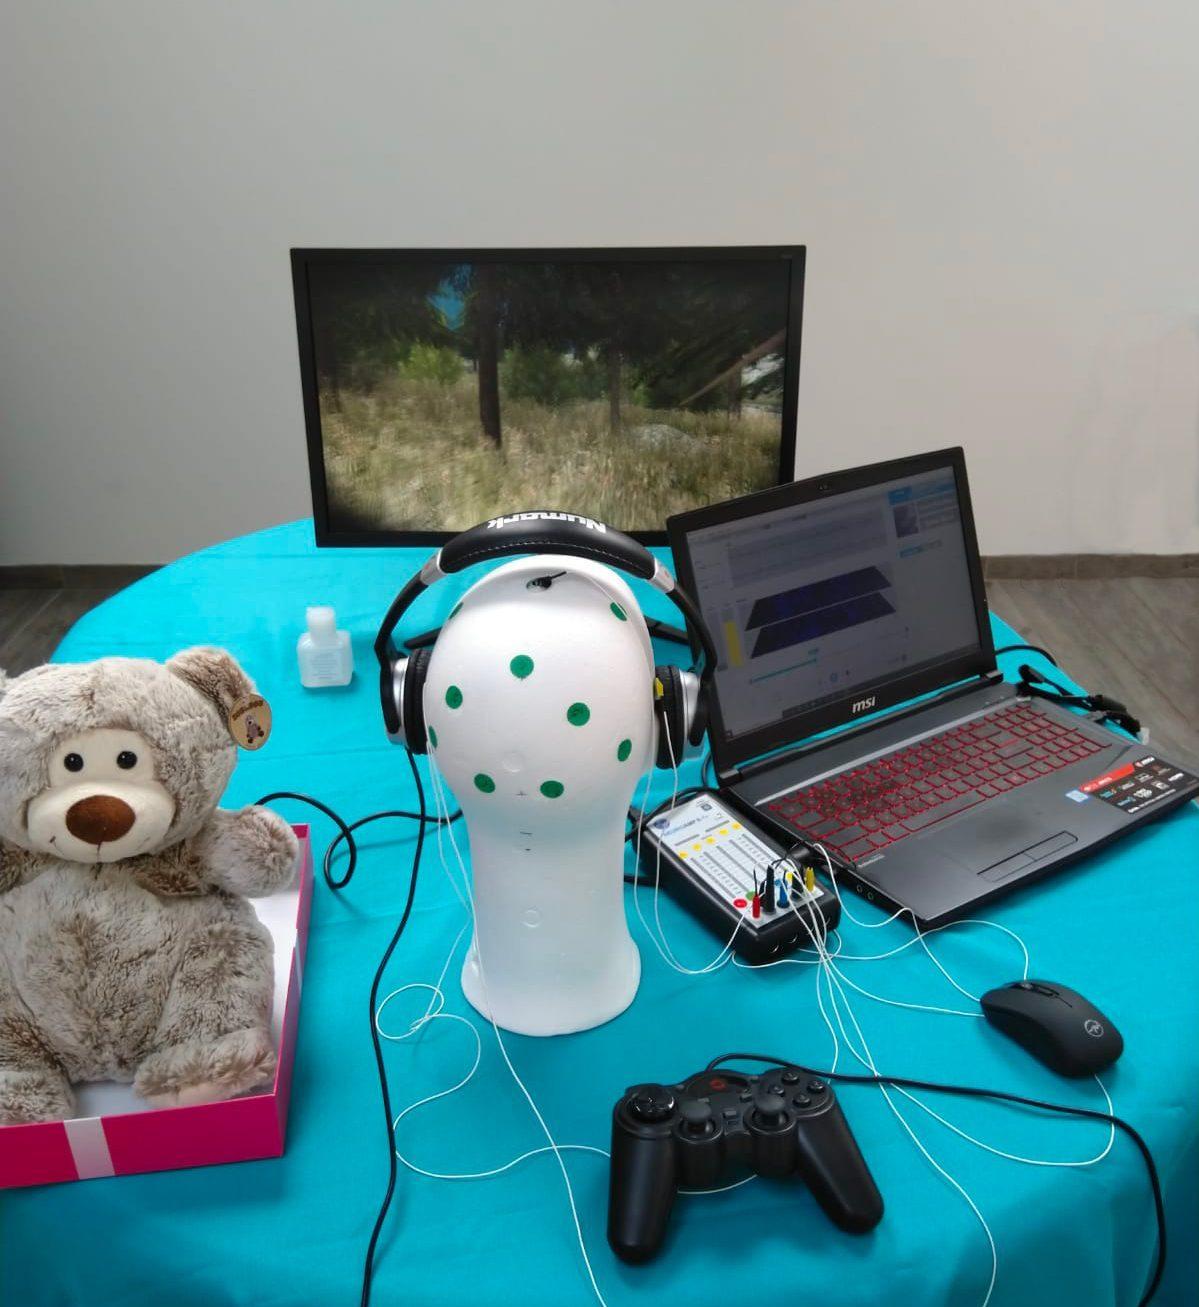 Matériel de Neurofeedback complet. Il y a un ours en peluche, une tête de mannequin en polystyrène, un amplificateur d'EEG, une manette de jeu vidéo, un ordinateur portable avec sa souris et un écran en arrière plan